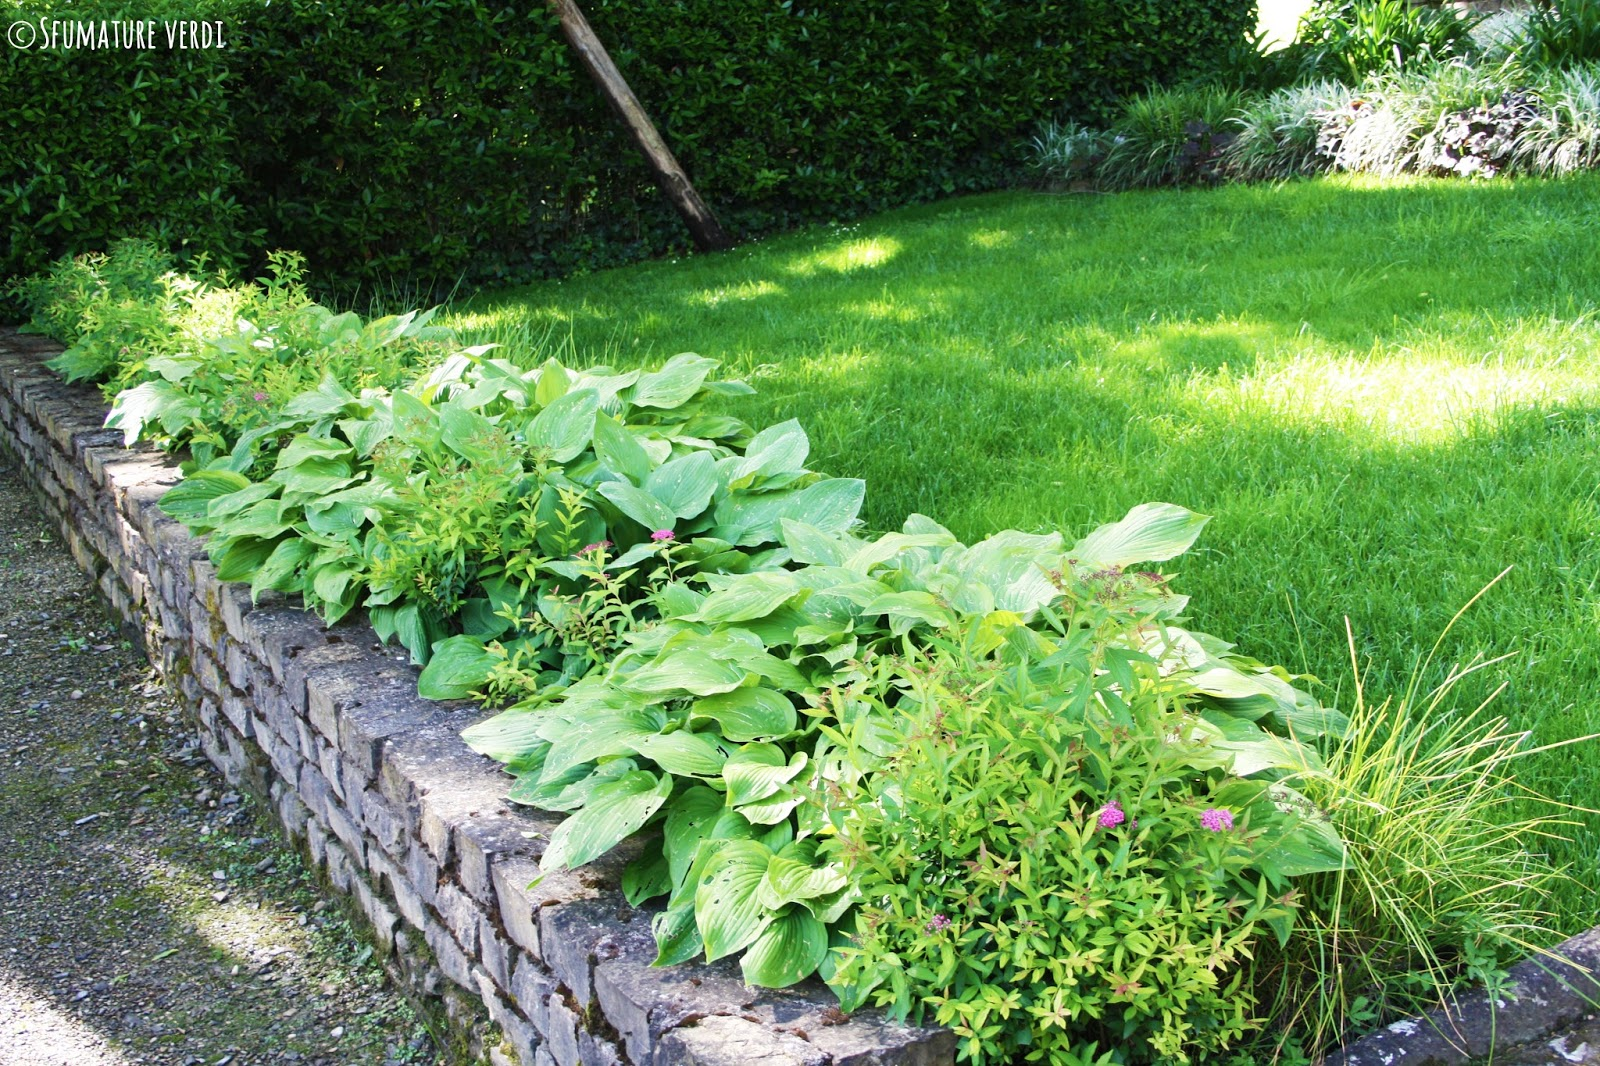 Il giardino di villa bardini un giardino storico nel - Muretti da giardino ...